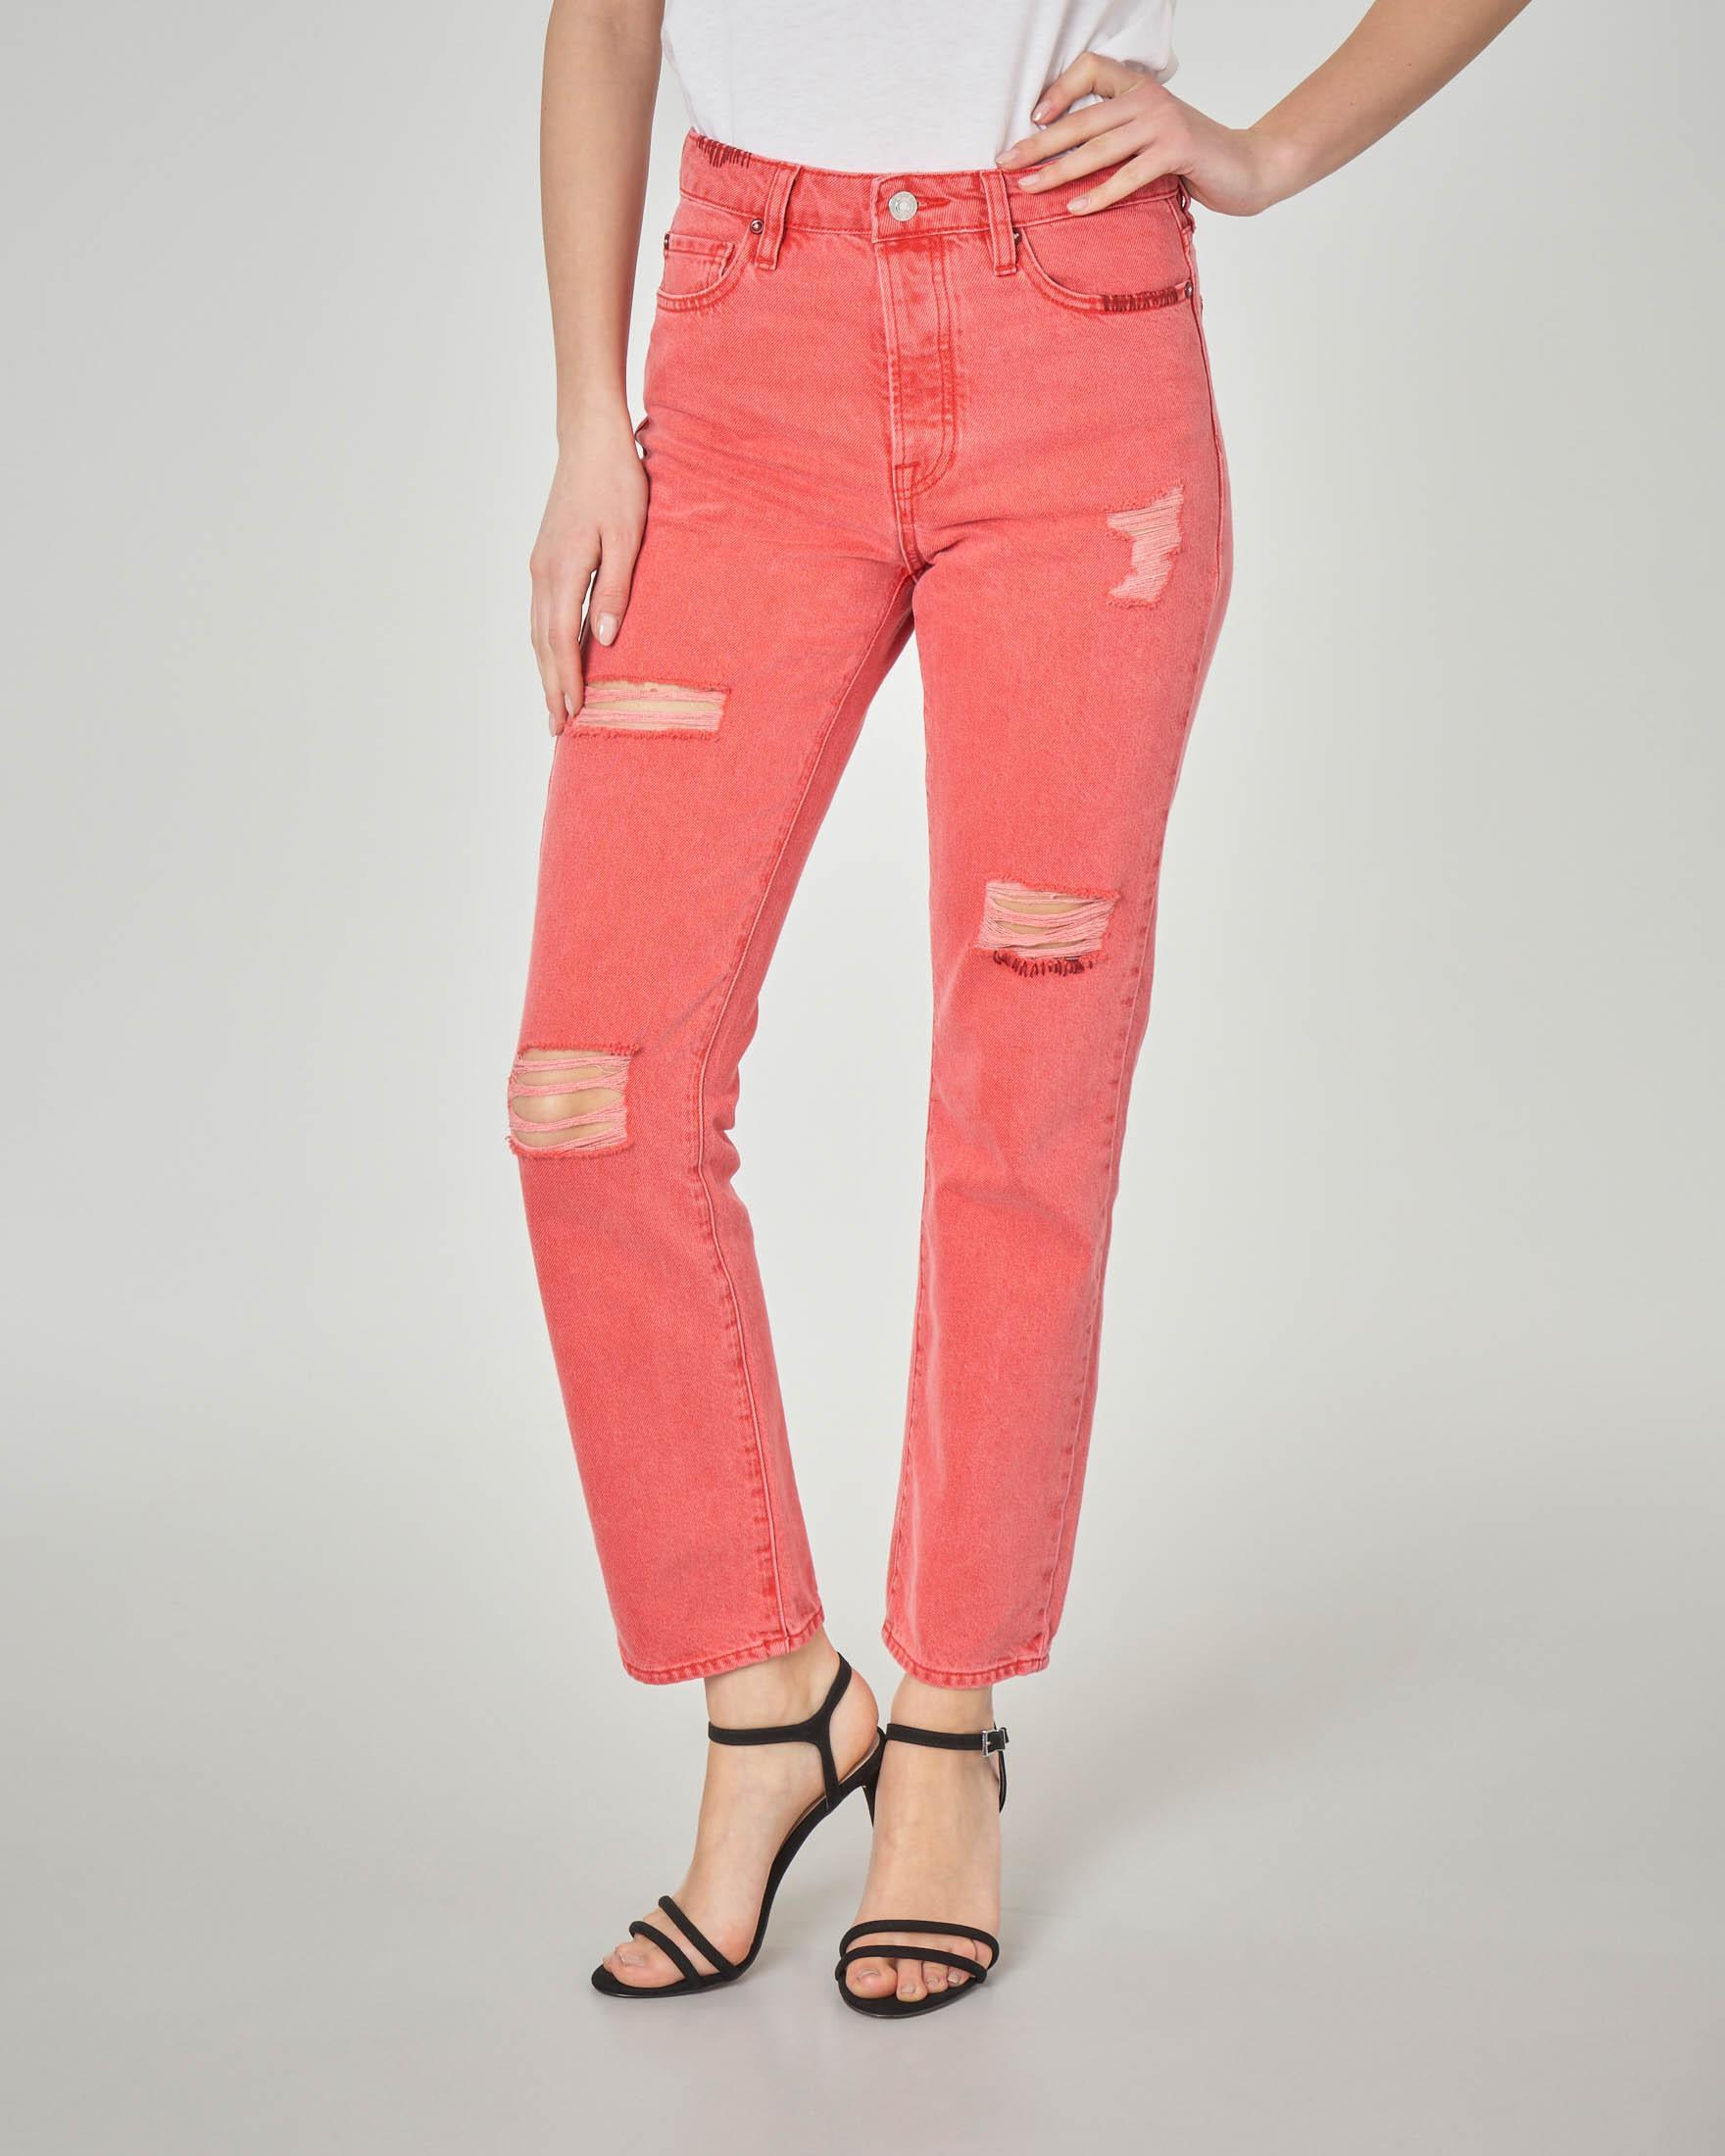 Jeans rosso con abrasioni sulle gambe